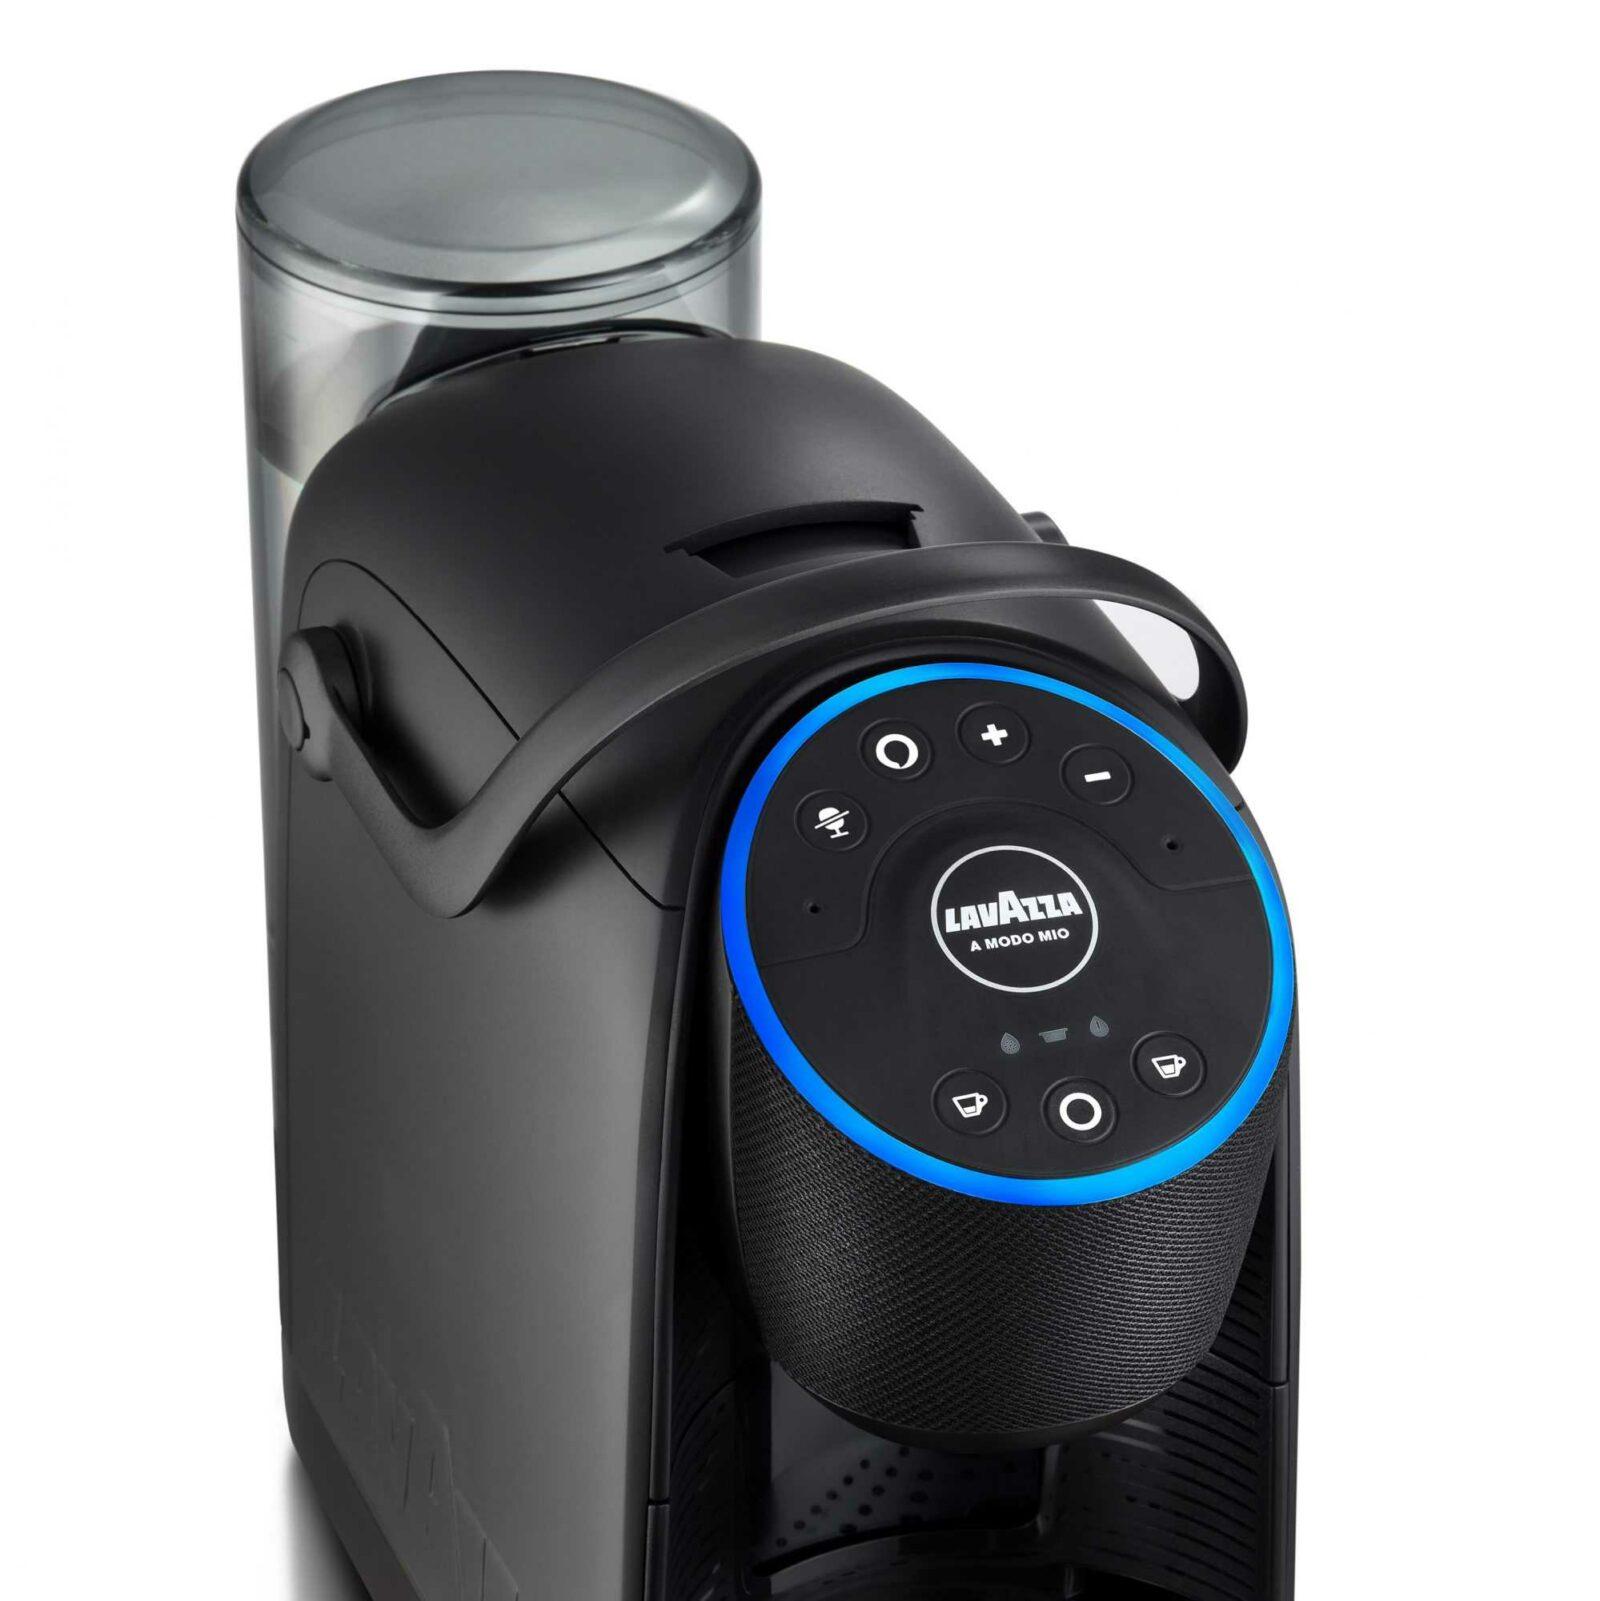 Lavazza A Modo Mio Voicy: Amazon Alexa also makes coffee!